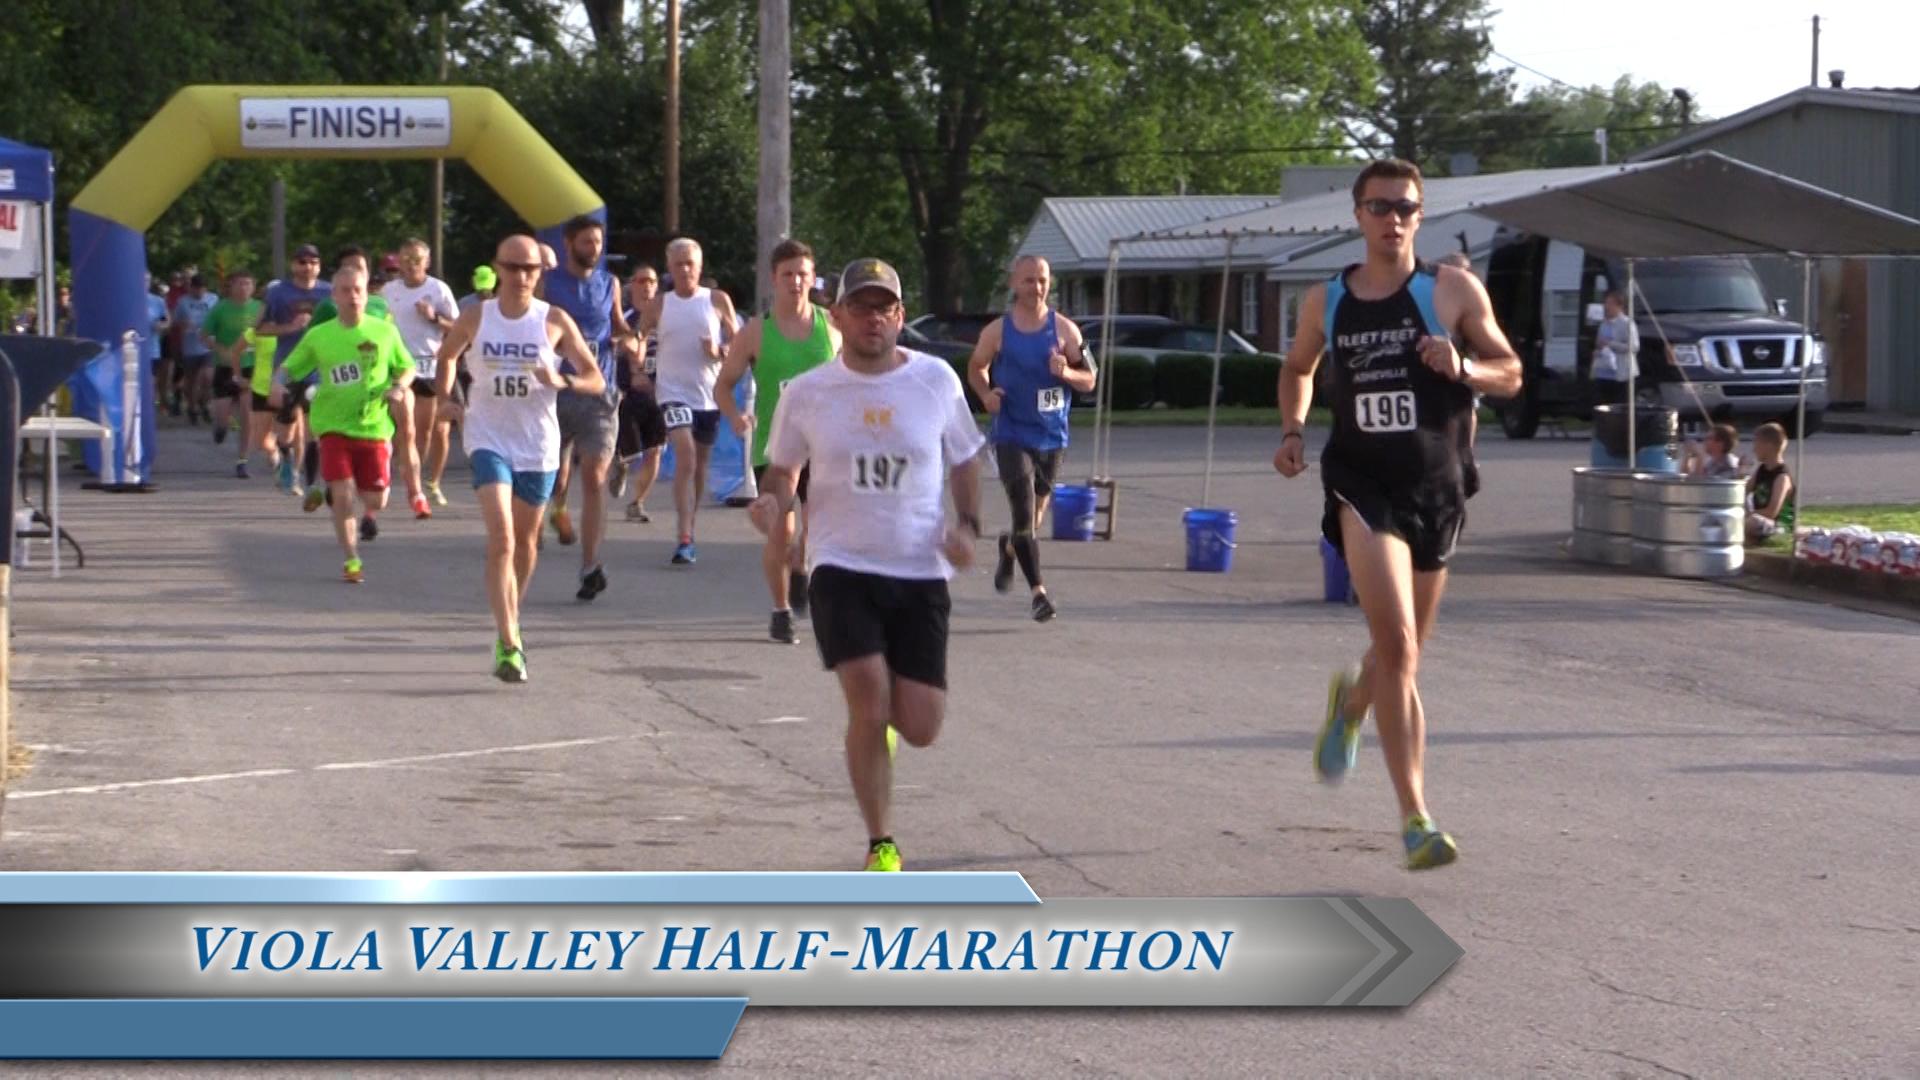 VIDEO - Viola Valley Half-Maraton